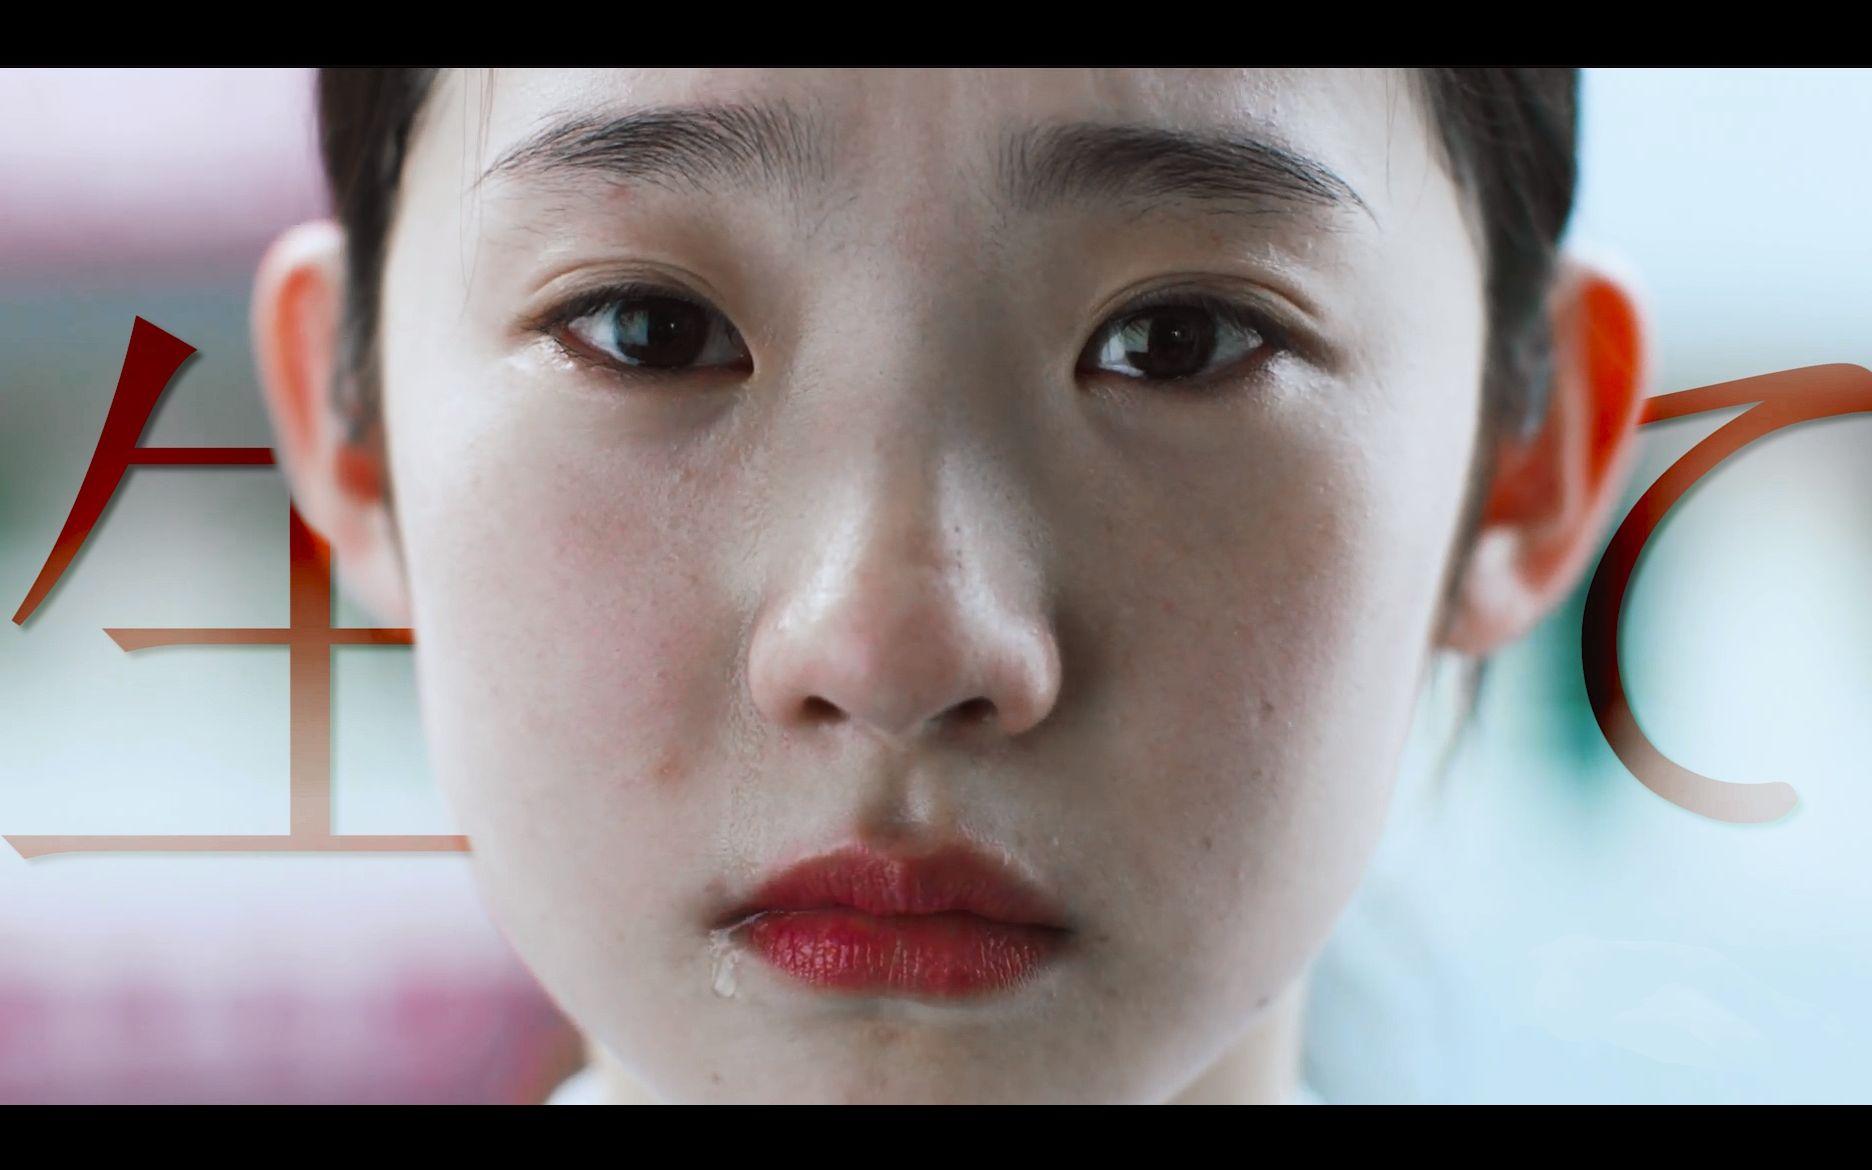 【少年的你】胡小蝶丨她曾活过啊-反校园暴力